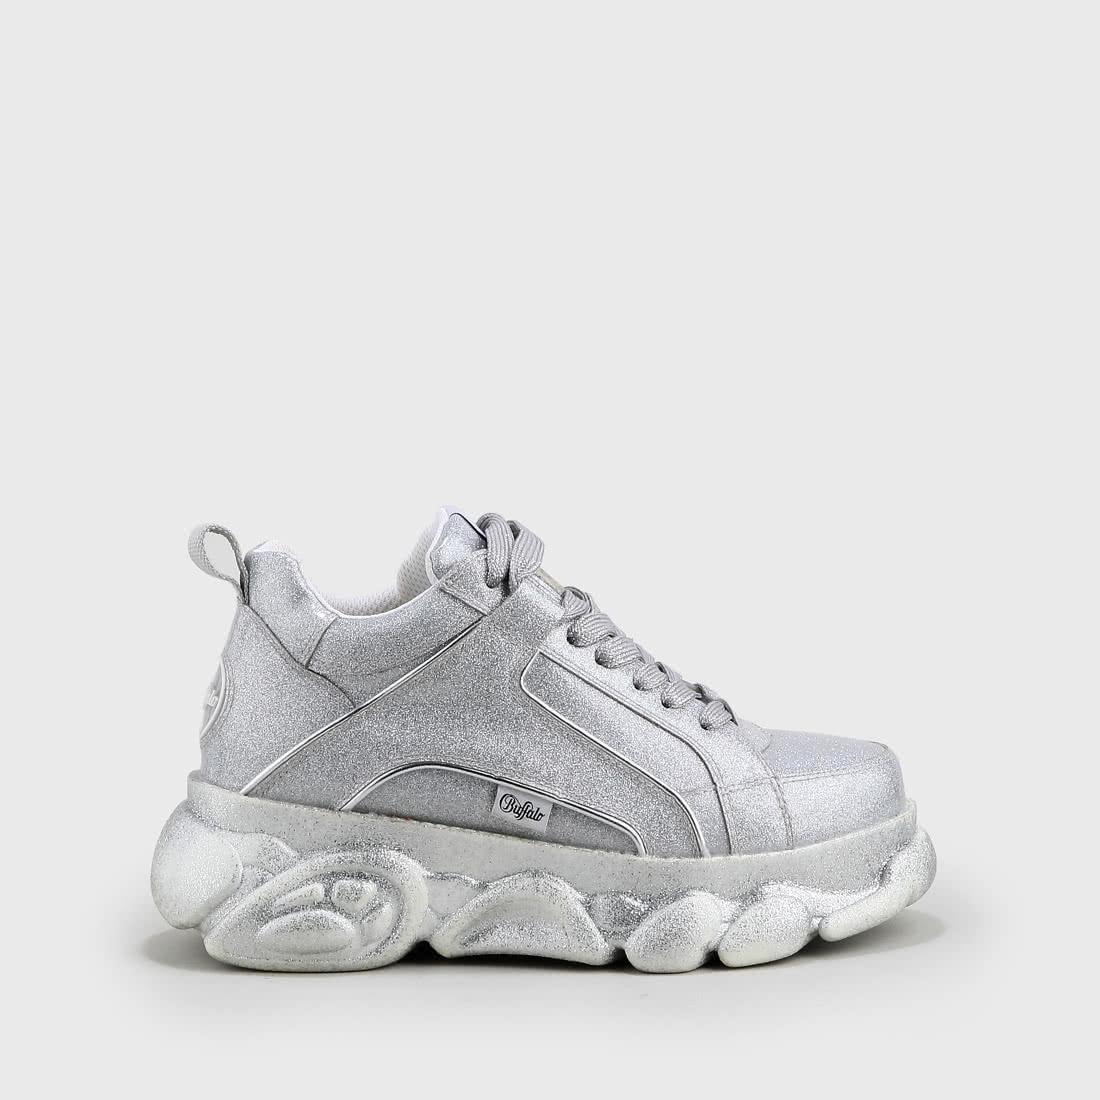 b31db910a79d CLD Corin sneaker glitter silver buy online in BUFFALO Online-Shop ...